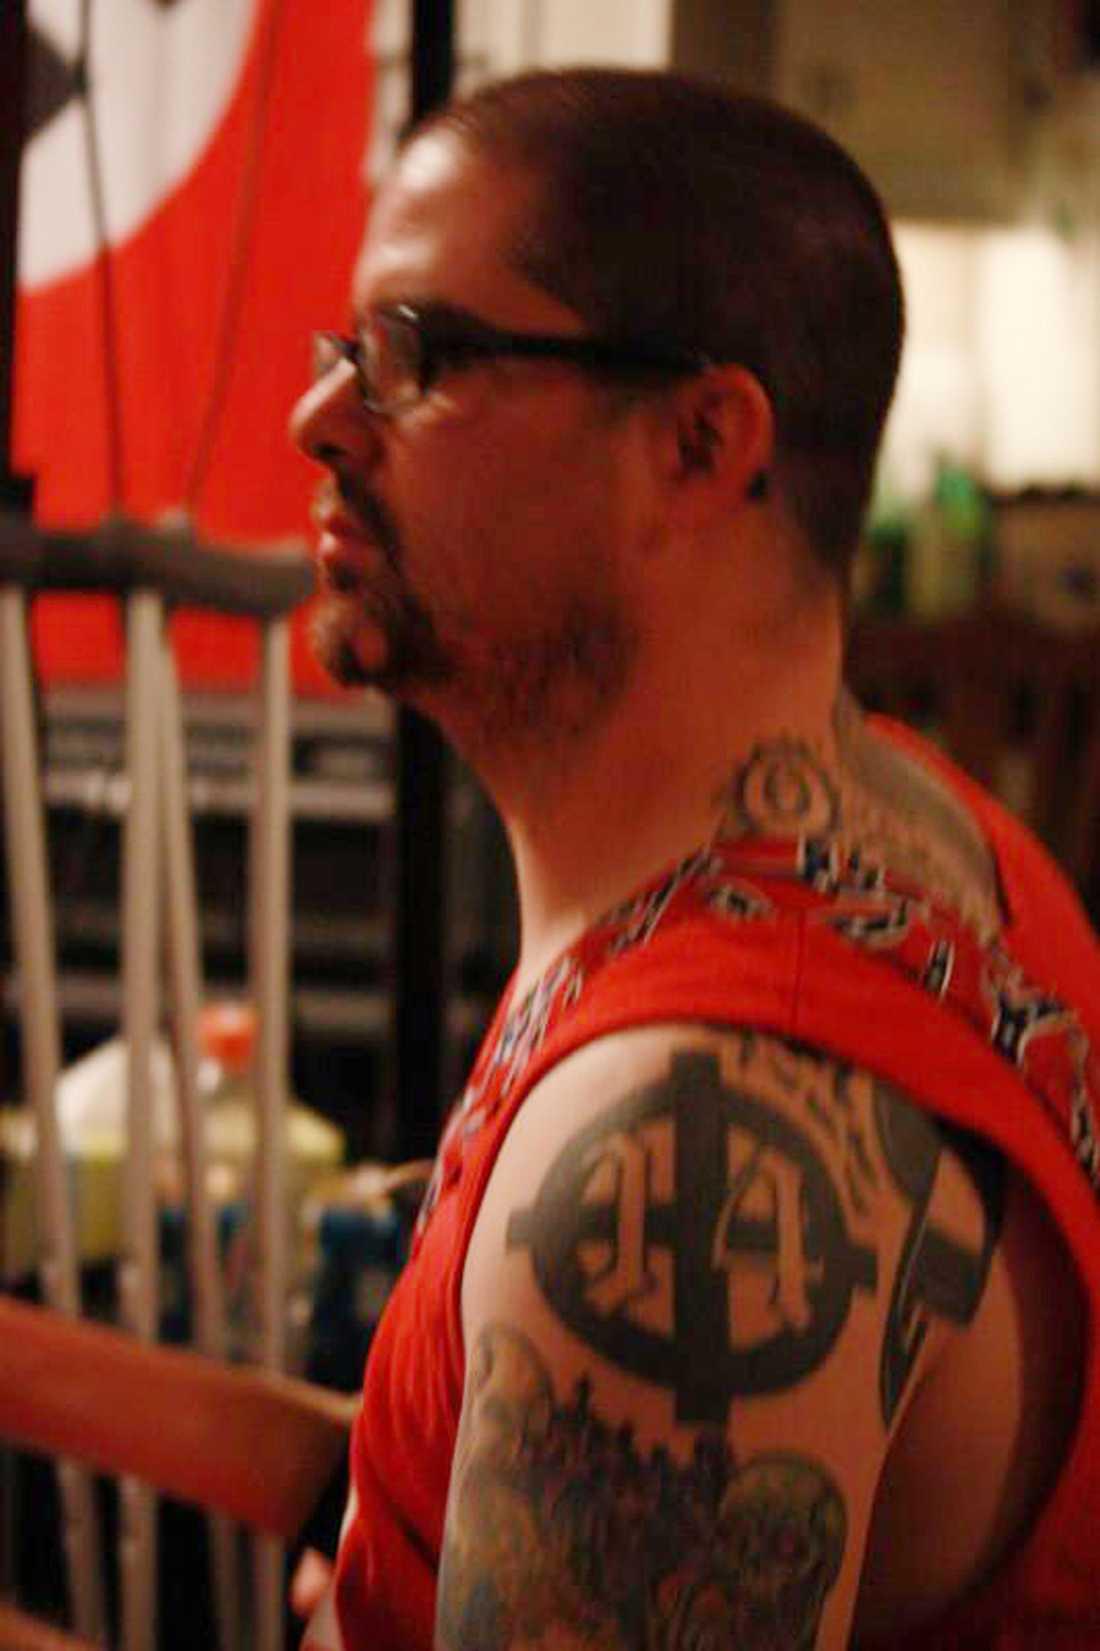 En bild från en MySpace-sida visar Wade Michael Page med vad som ser ut som en nazistflagga i bakgrunden.